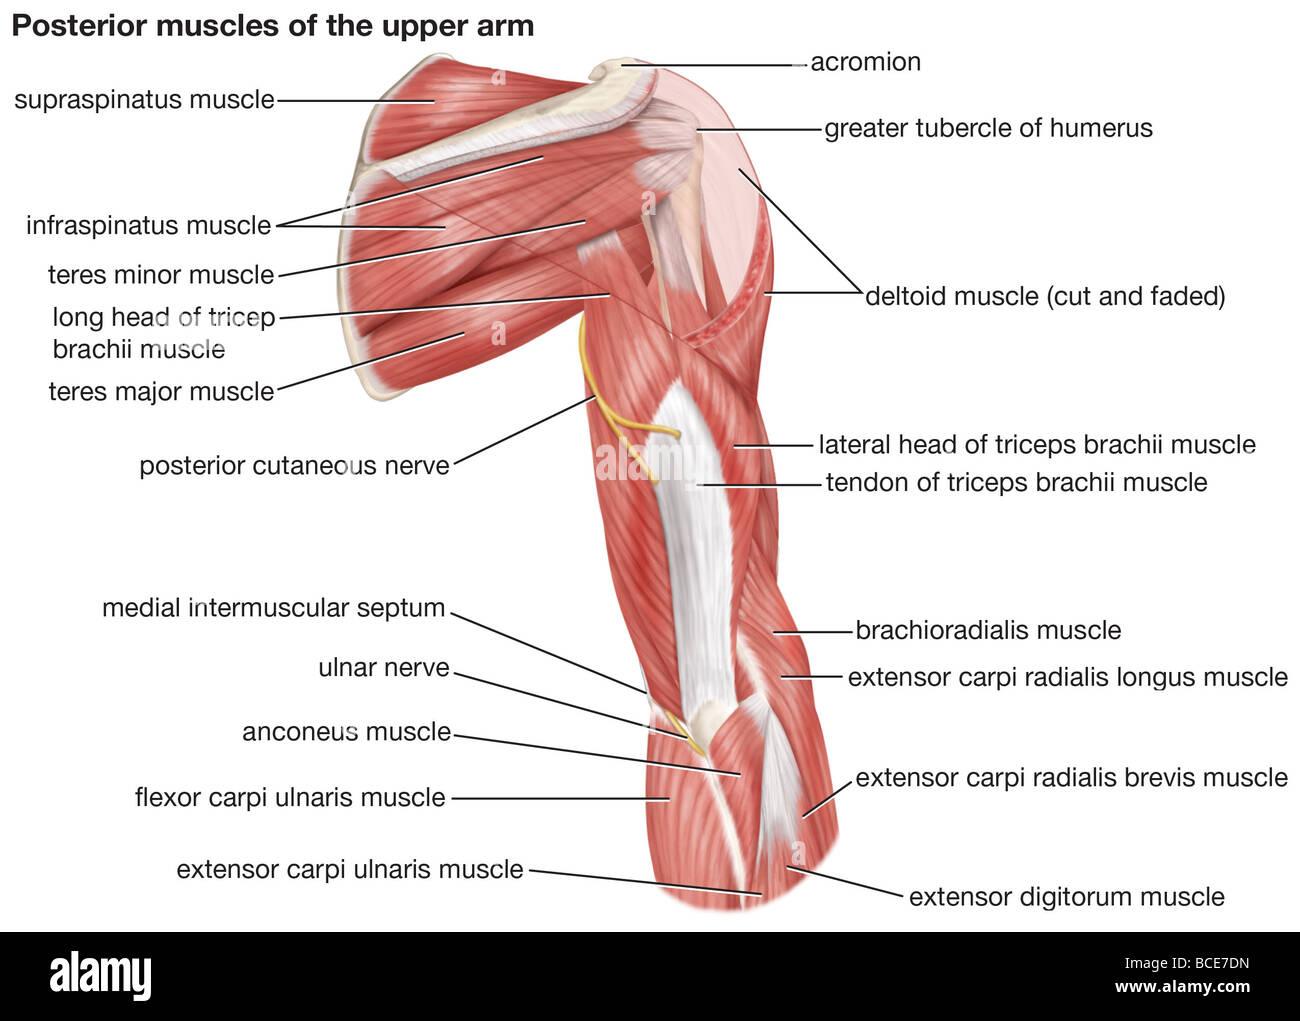 Ziemlich Muskeln Des Oberarms Fotos - Menschliche Anatomie Bilder ...